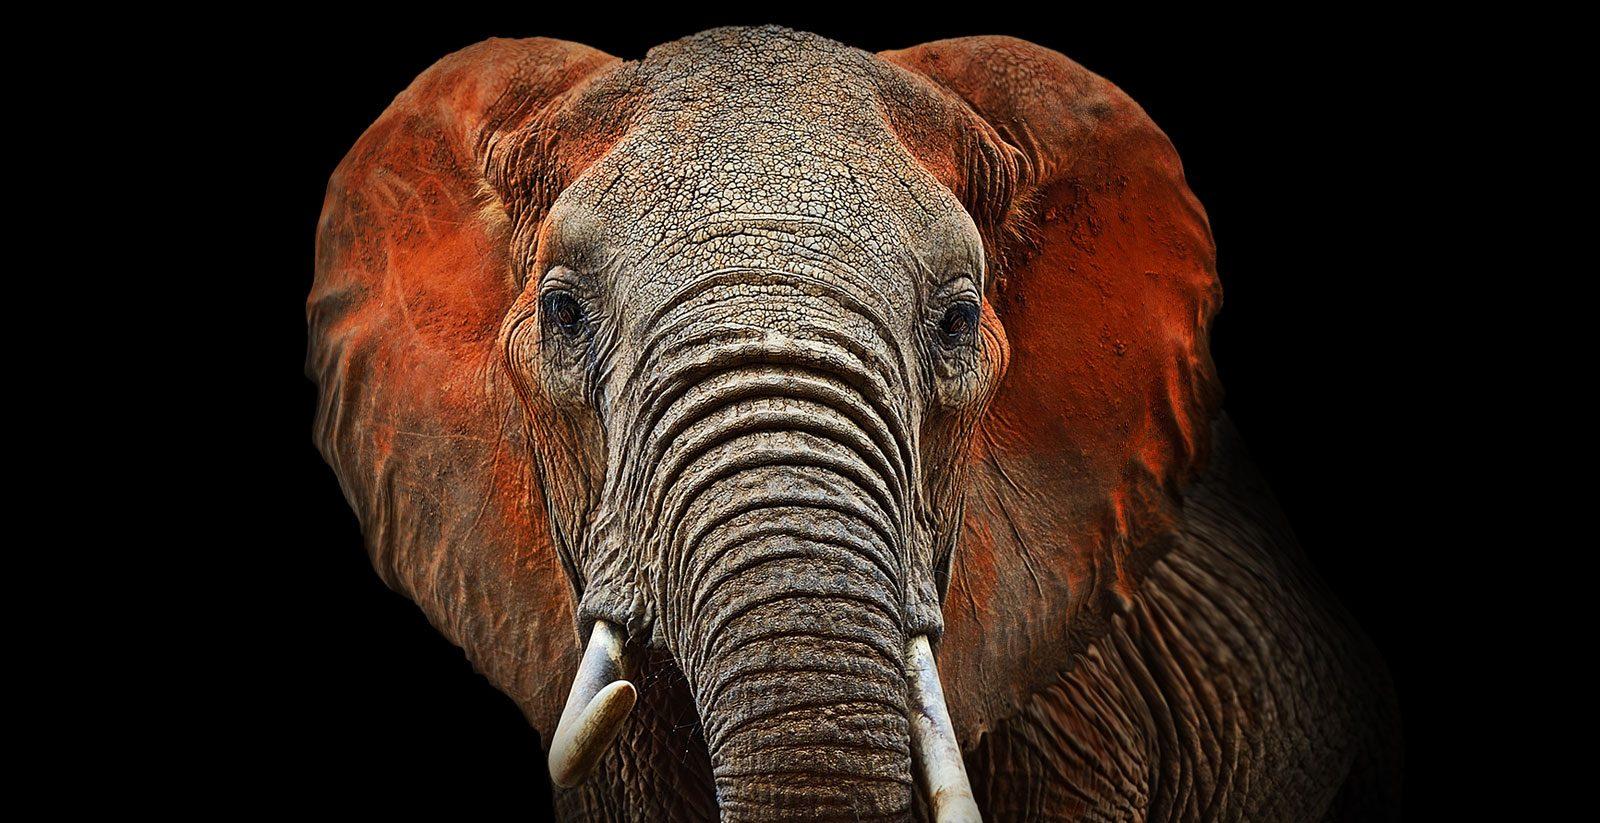 Kanzlei optitax-elefant